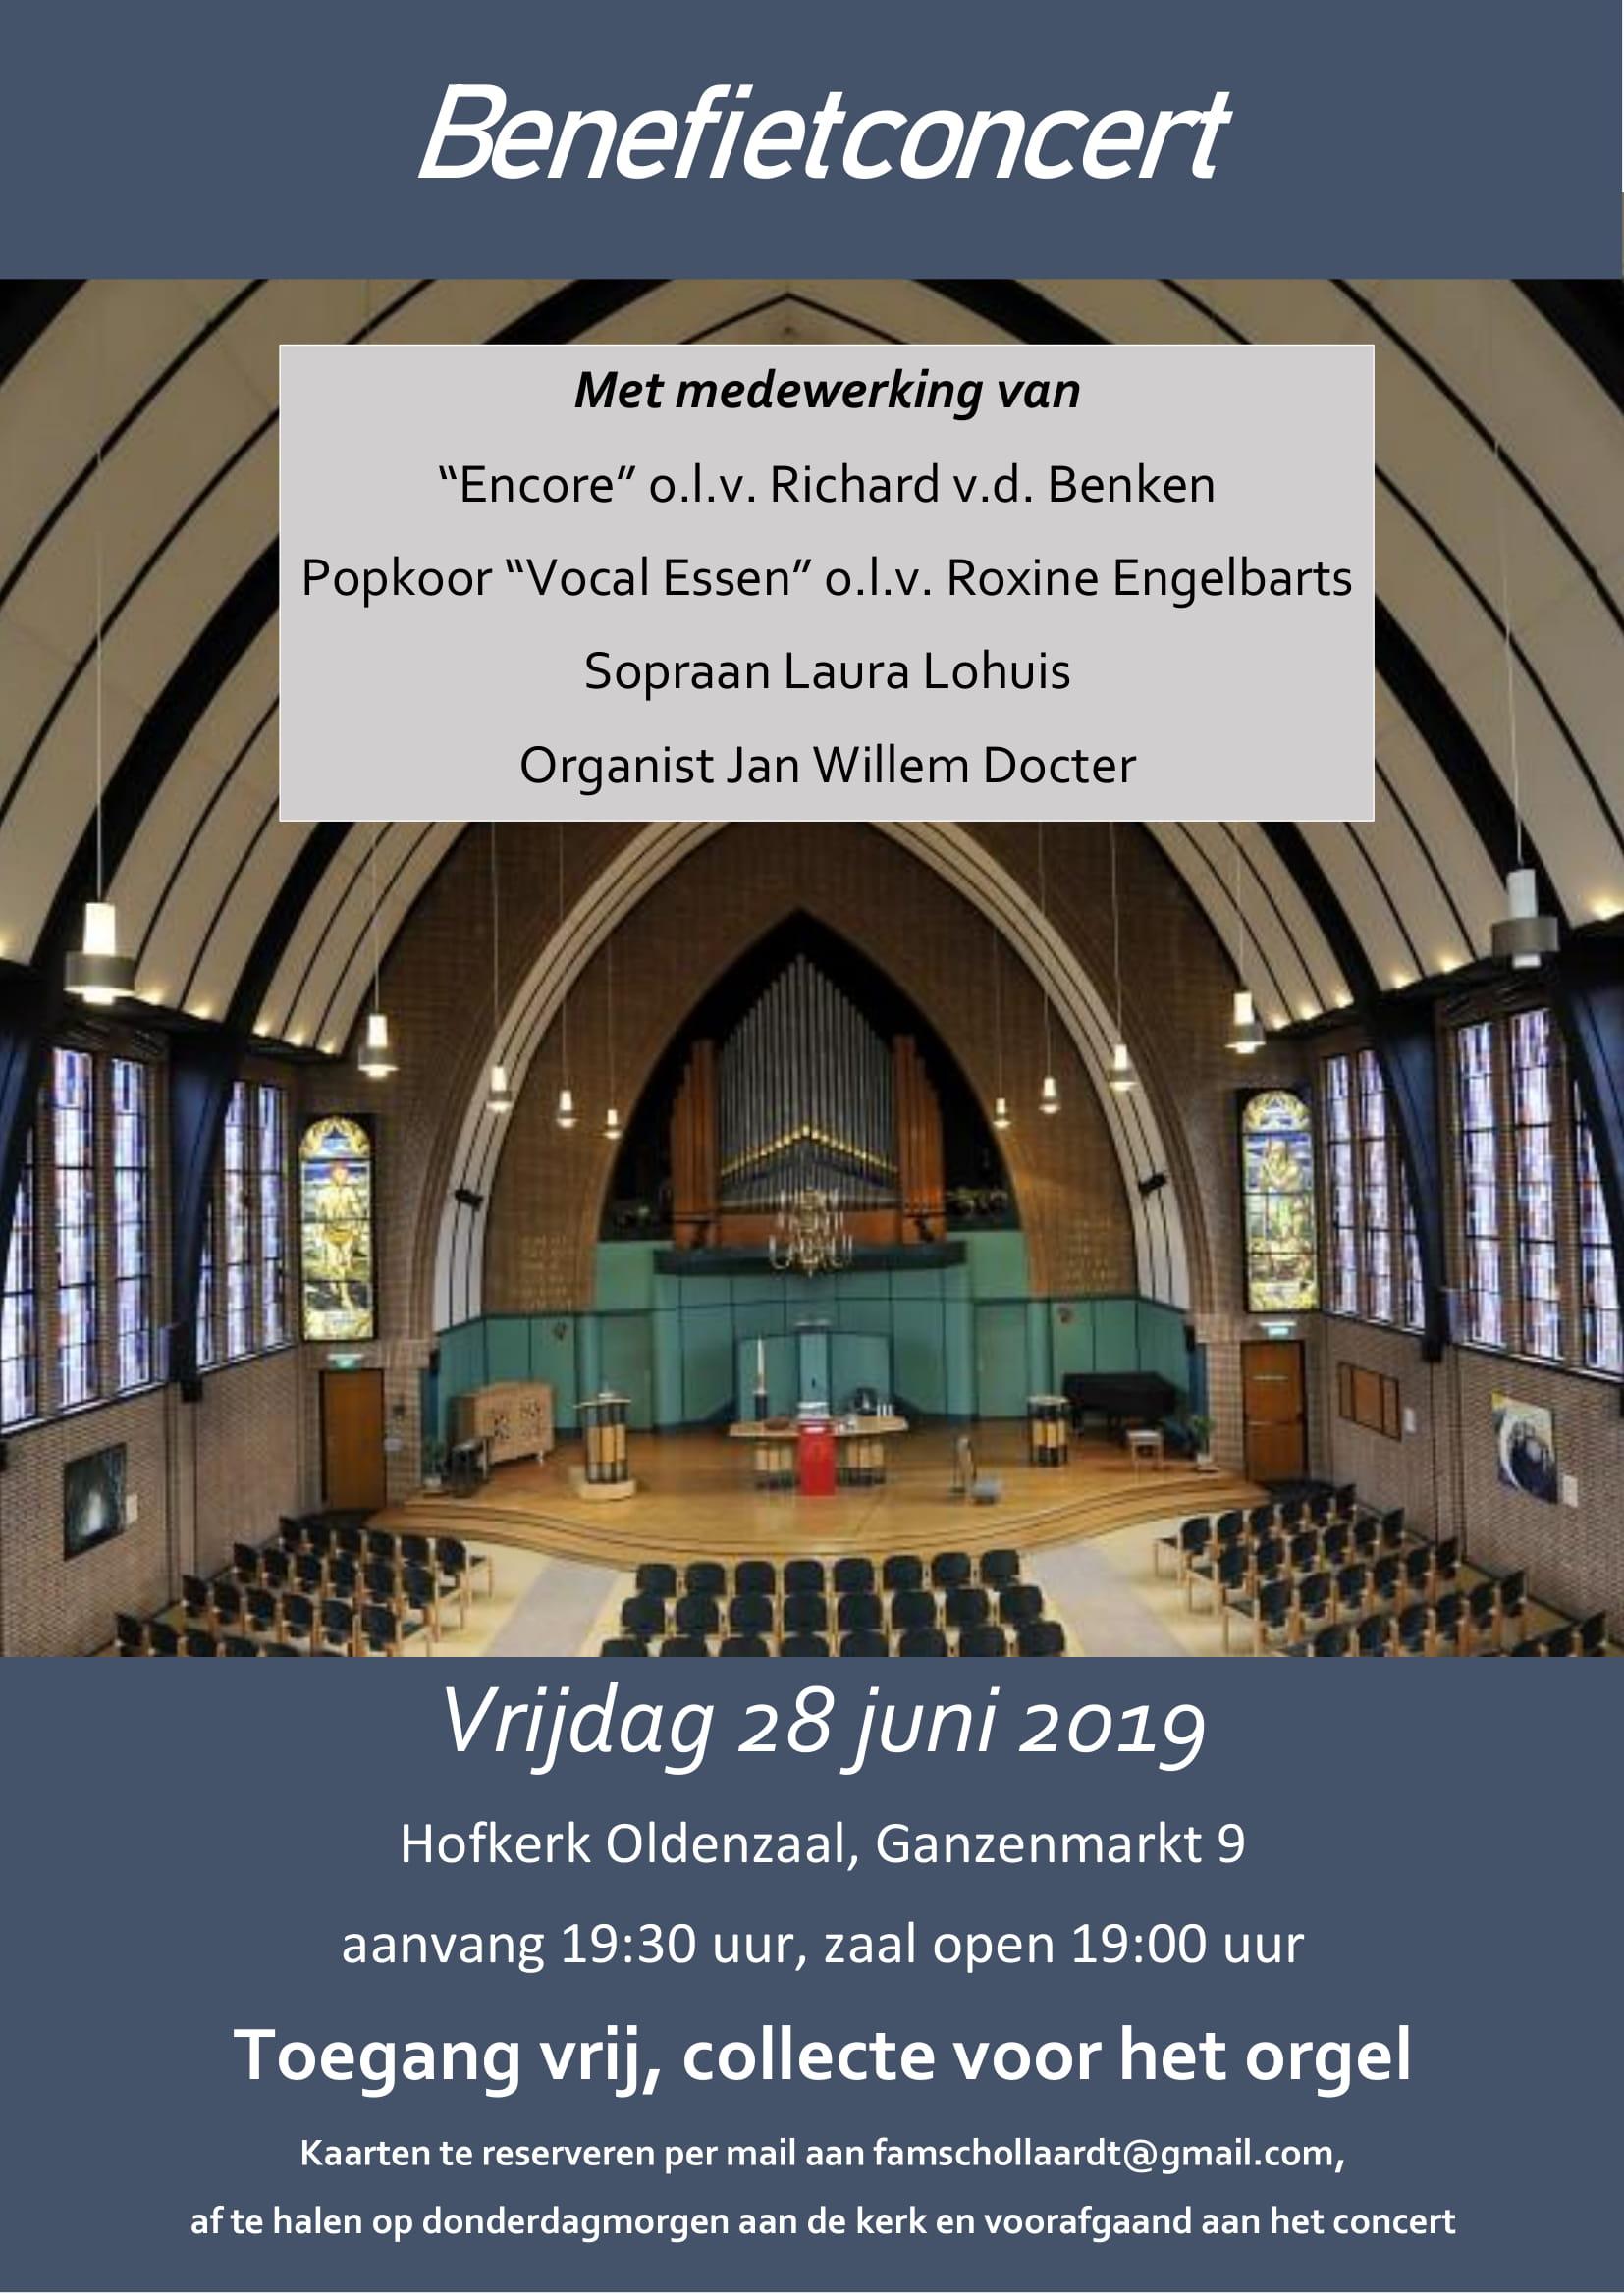 Poster Benefietconcert 29-06-19